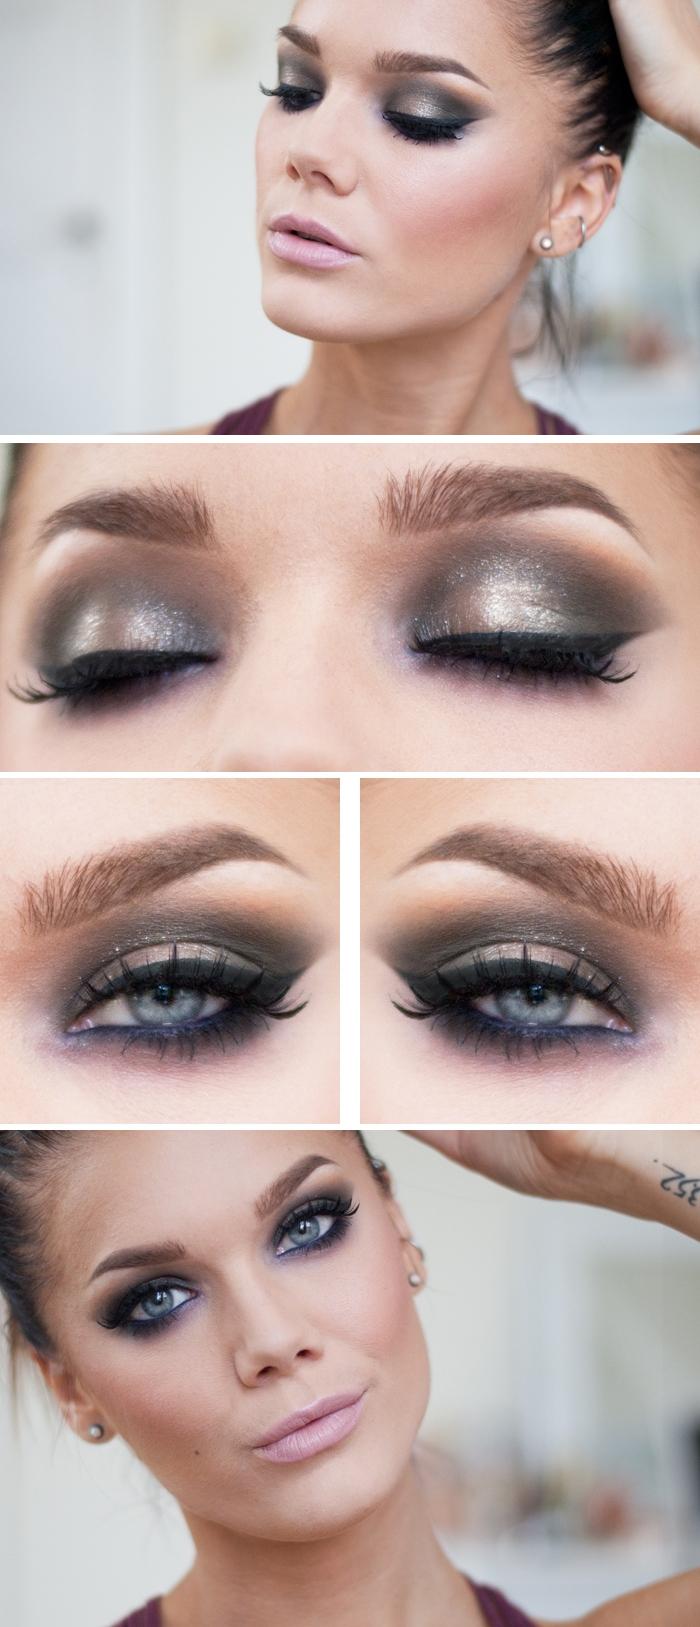 макияж для вечеринки, серые глаза